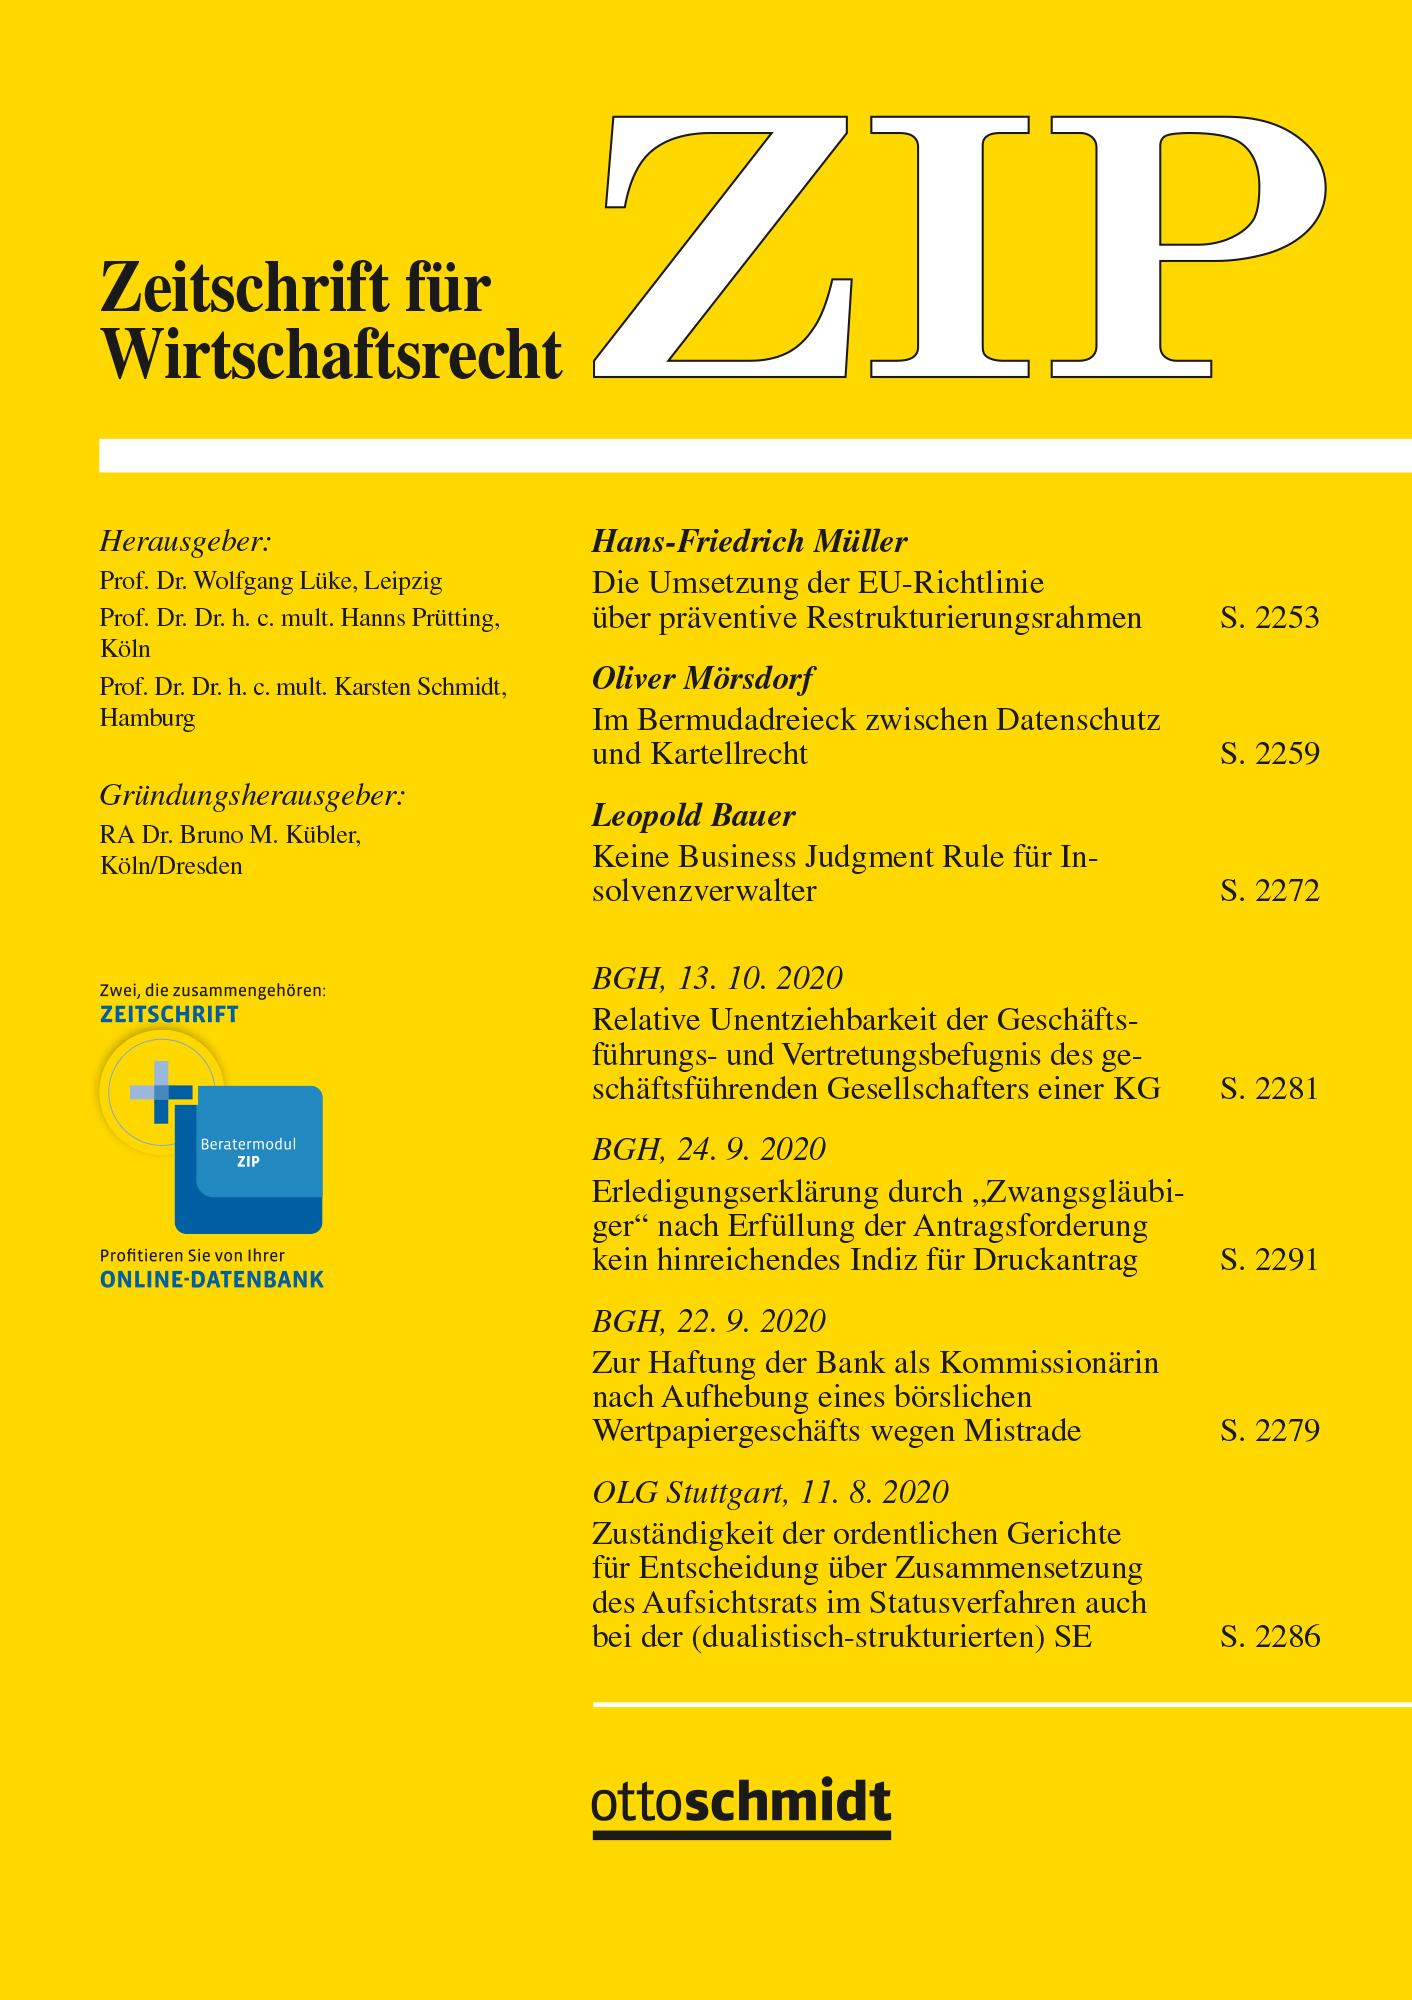 ZIP - Zeitschrift für Wirtschaftsrecht